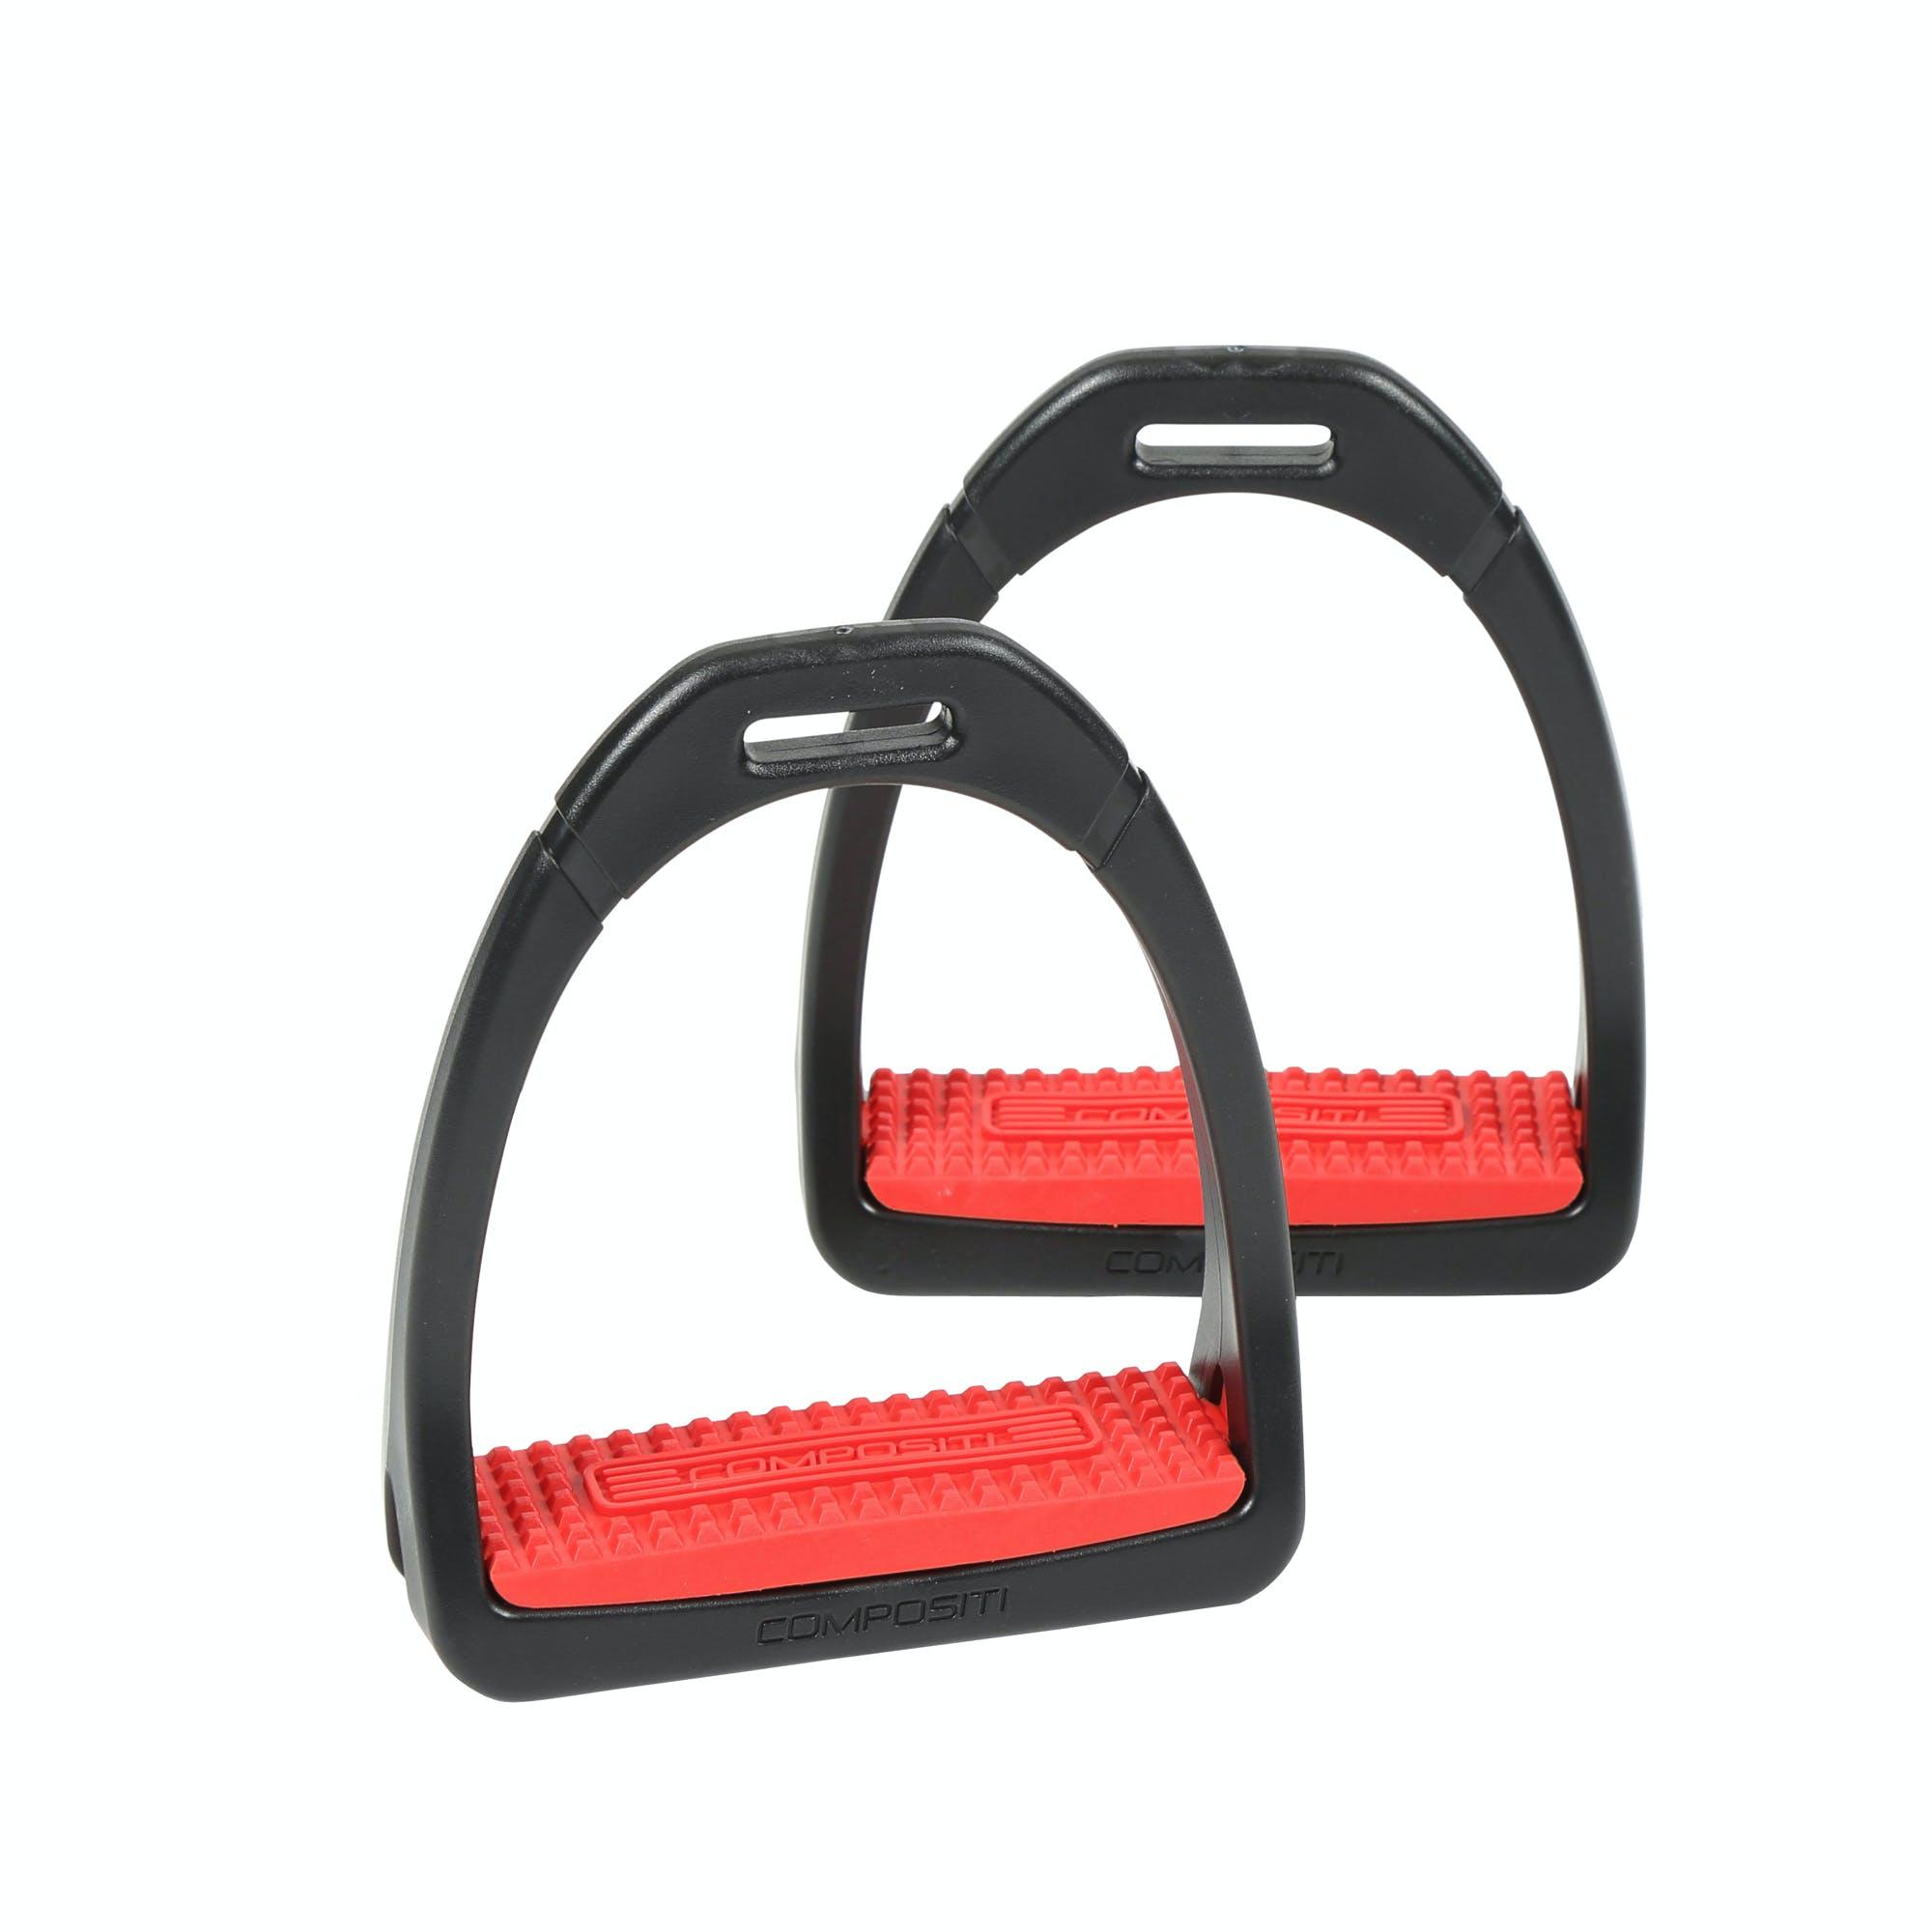 Shires Compositi Premium Profile Stirrup Irons